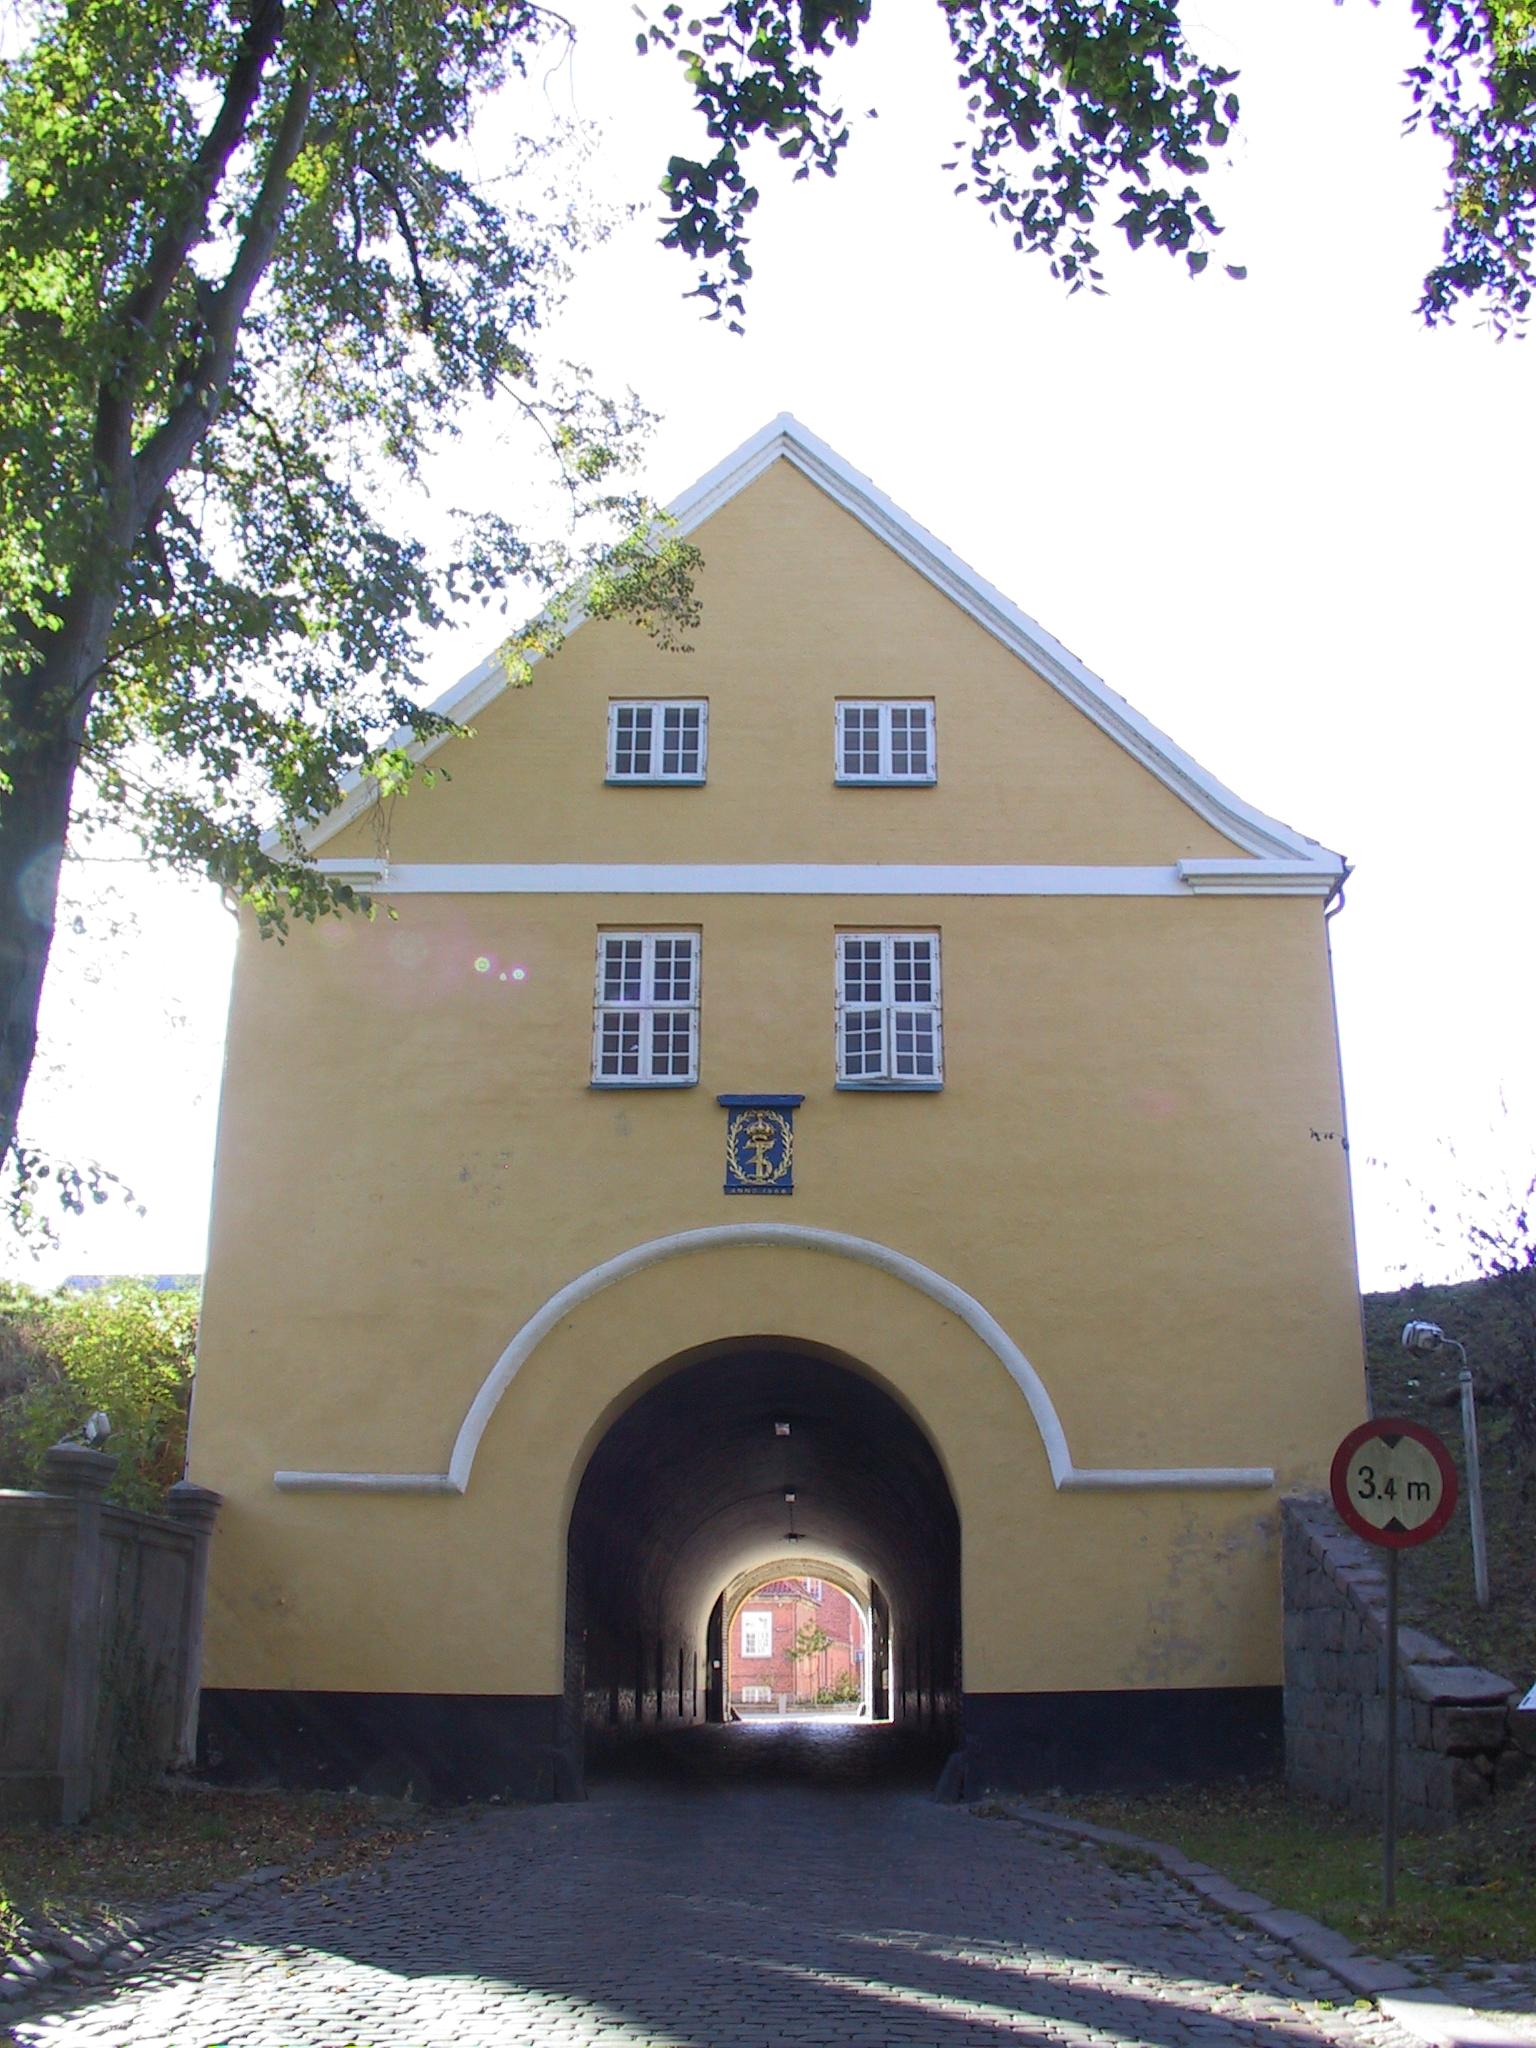 File:Denmark-Nyborg-Landporten gatehouse.jpg - Wikimedia Commons